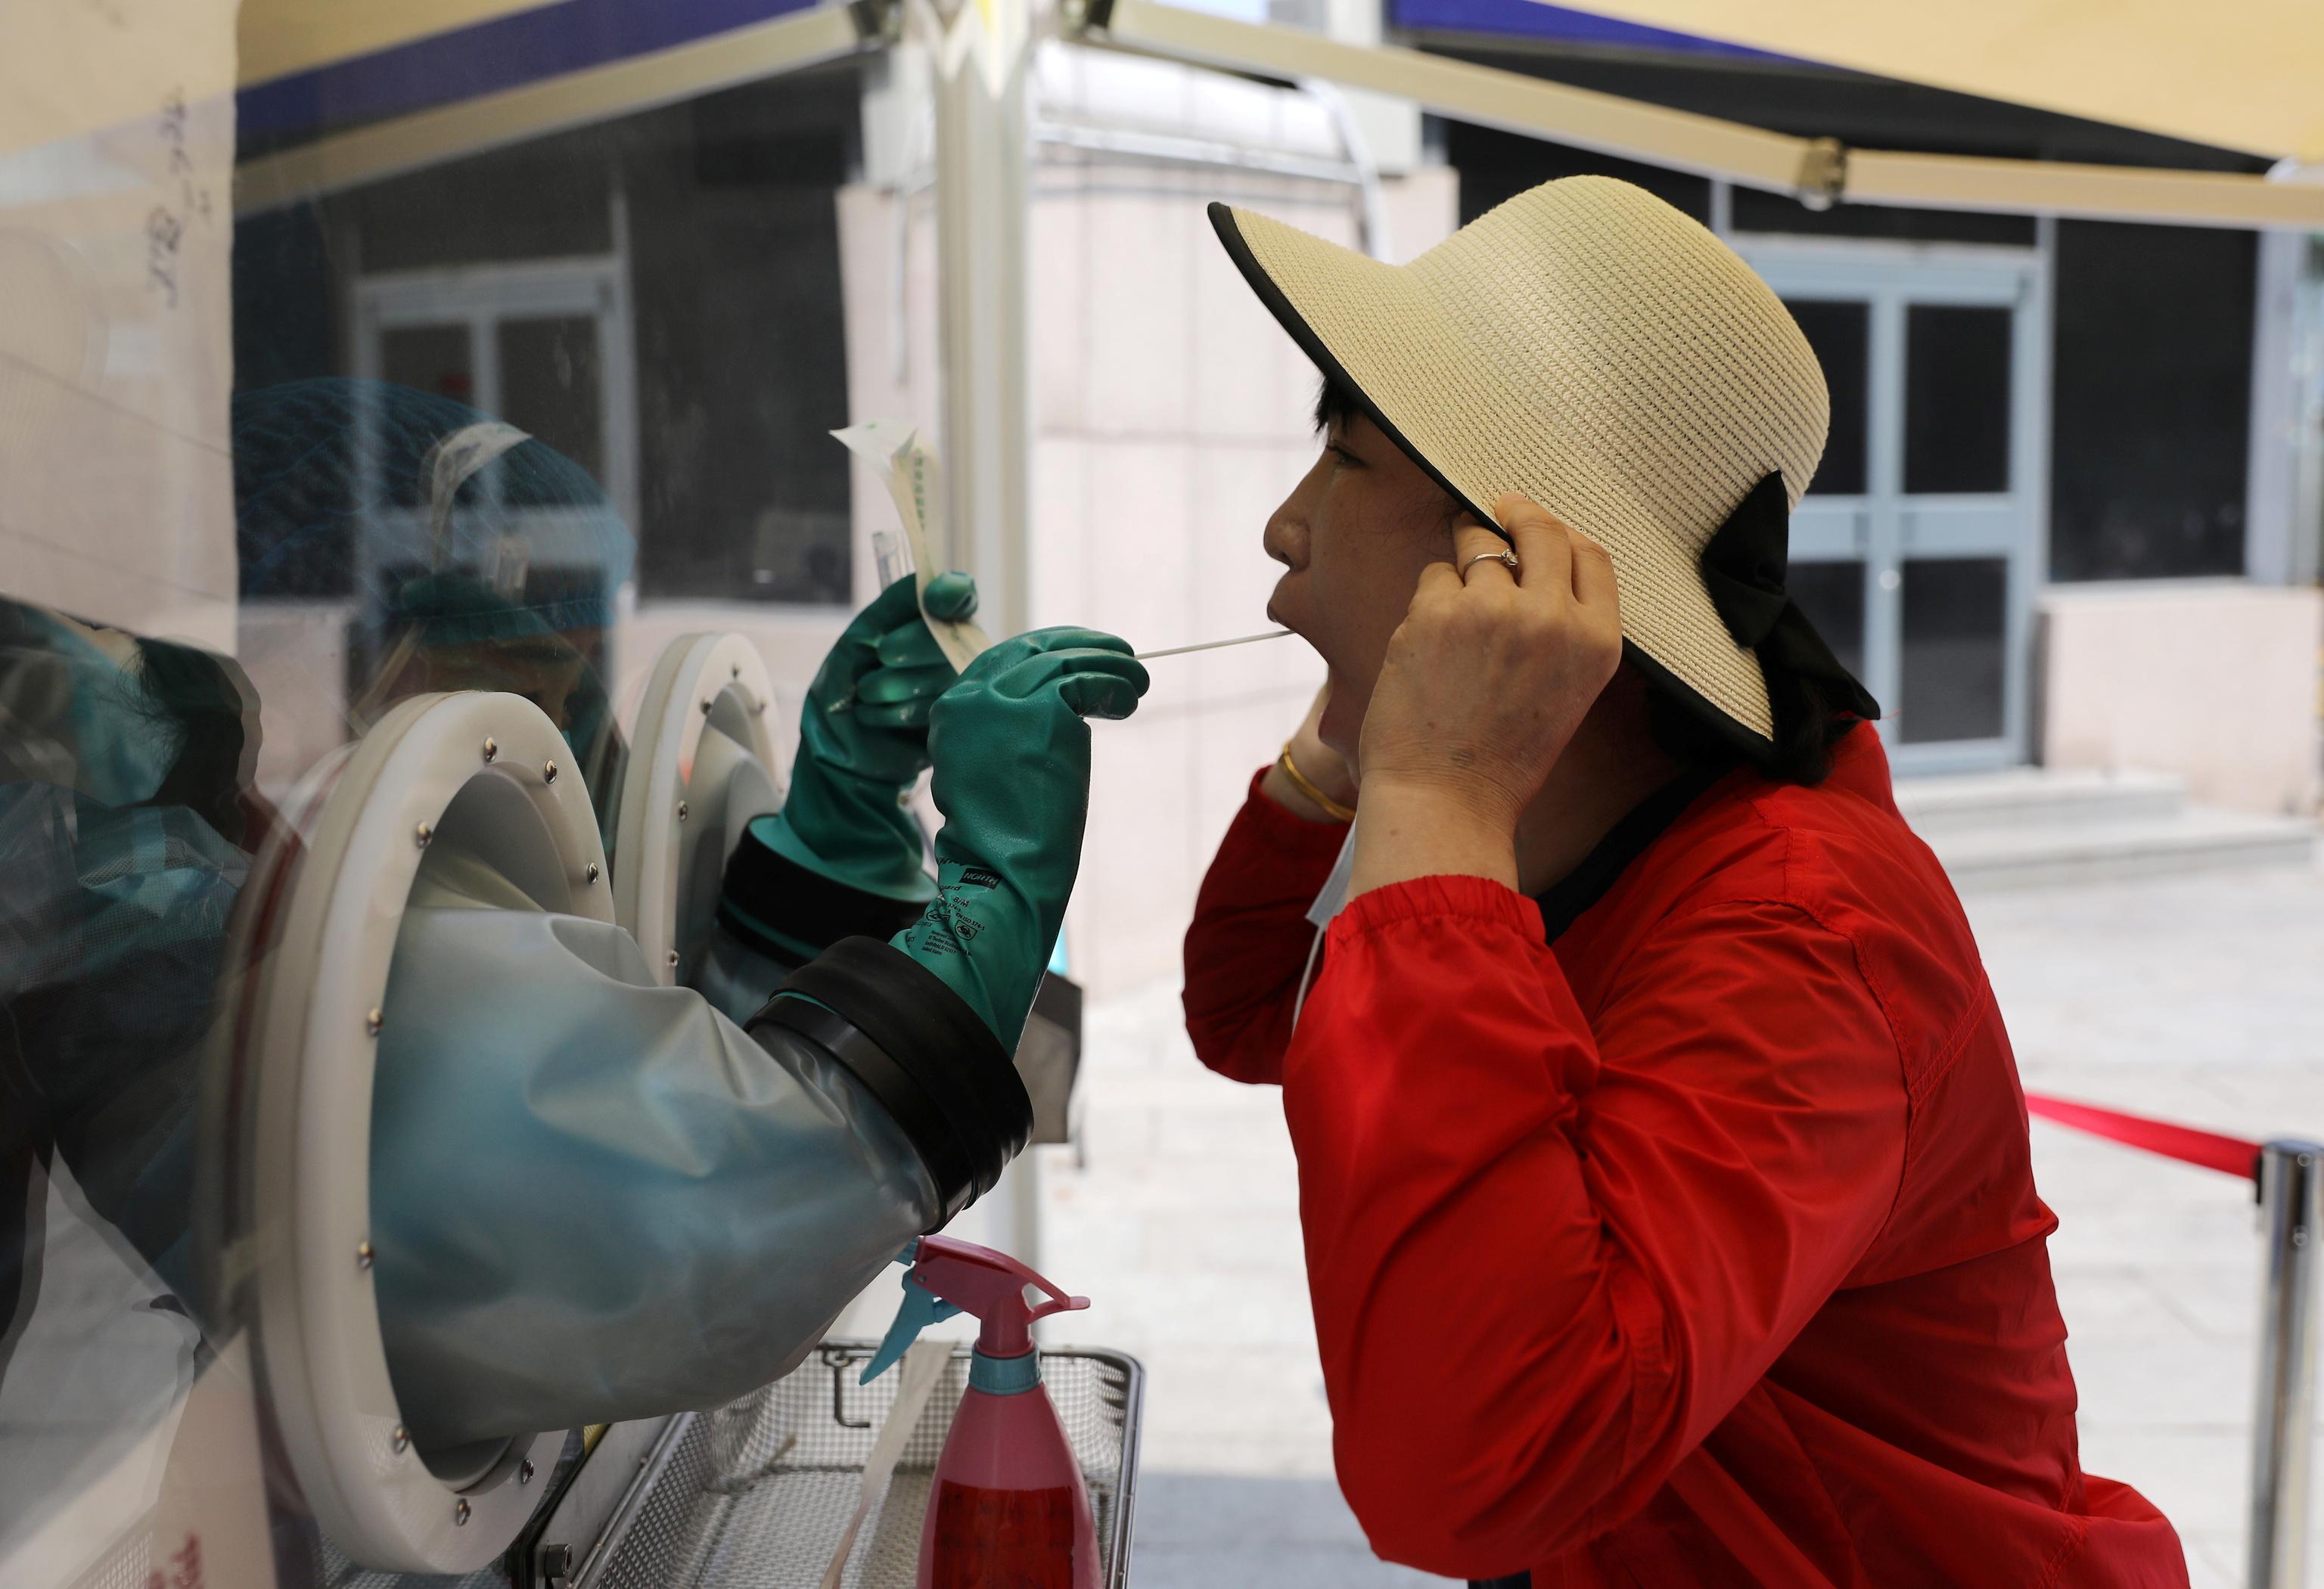 Un trabajador médico toma una muestra para una PCR en una estación de tren en Beijing, en China.